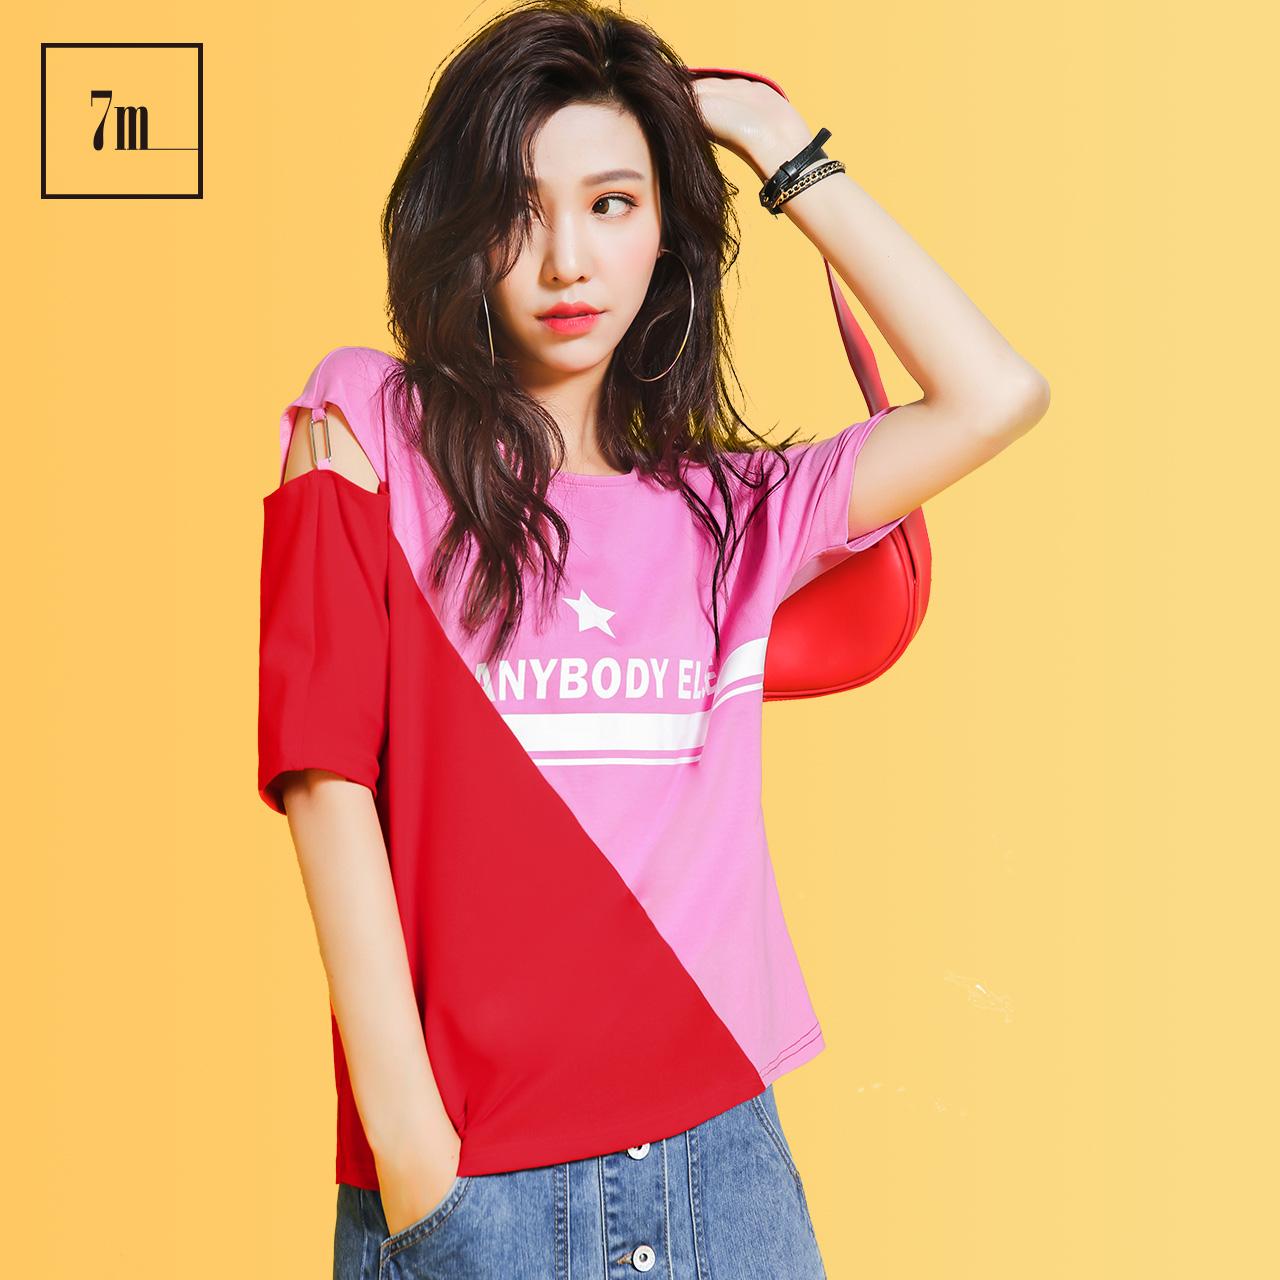 下架拉夏贝尔7m秋装新款韩版个性印花上衣拼接亮色圆领短袖T恤女